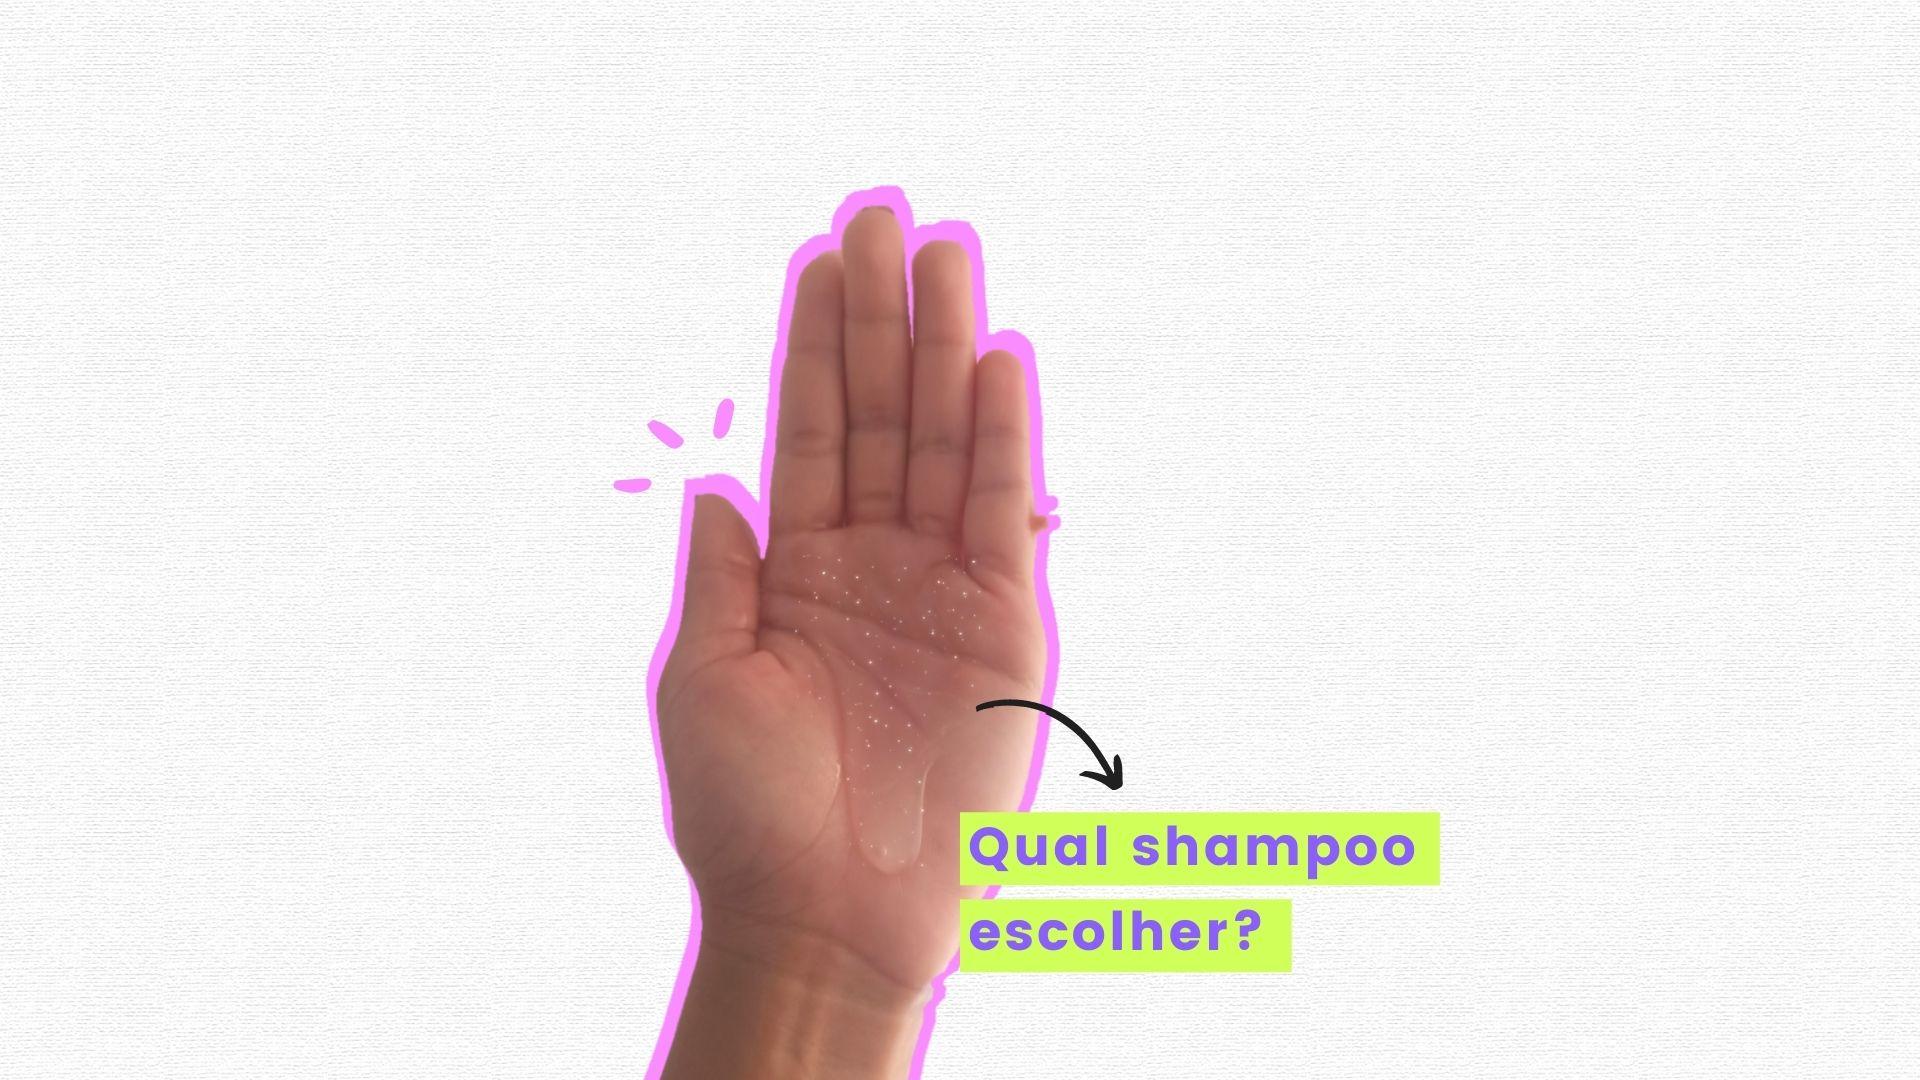 como escolher o shampoo certo para cabelo cacheado